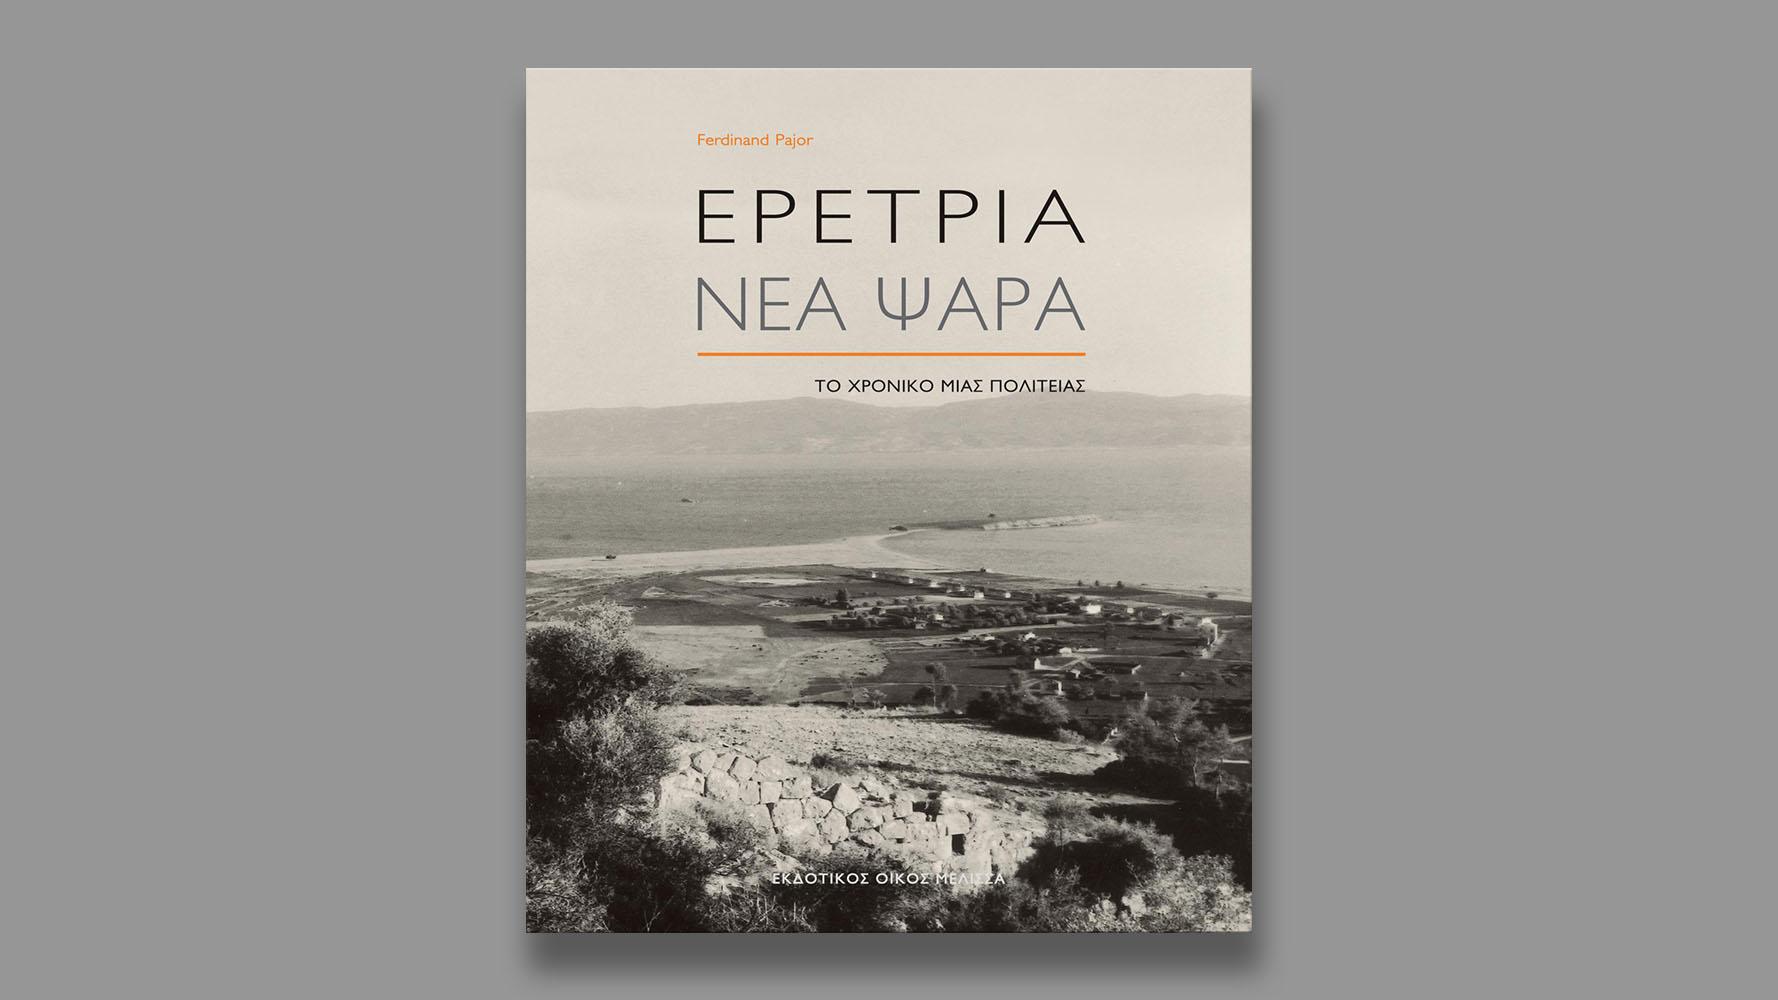 Εretria, Μelissa books, 2010